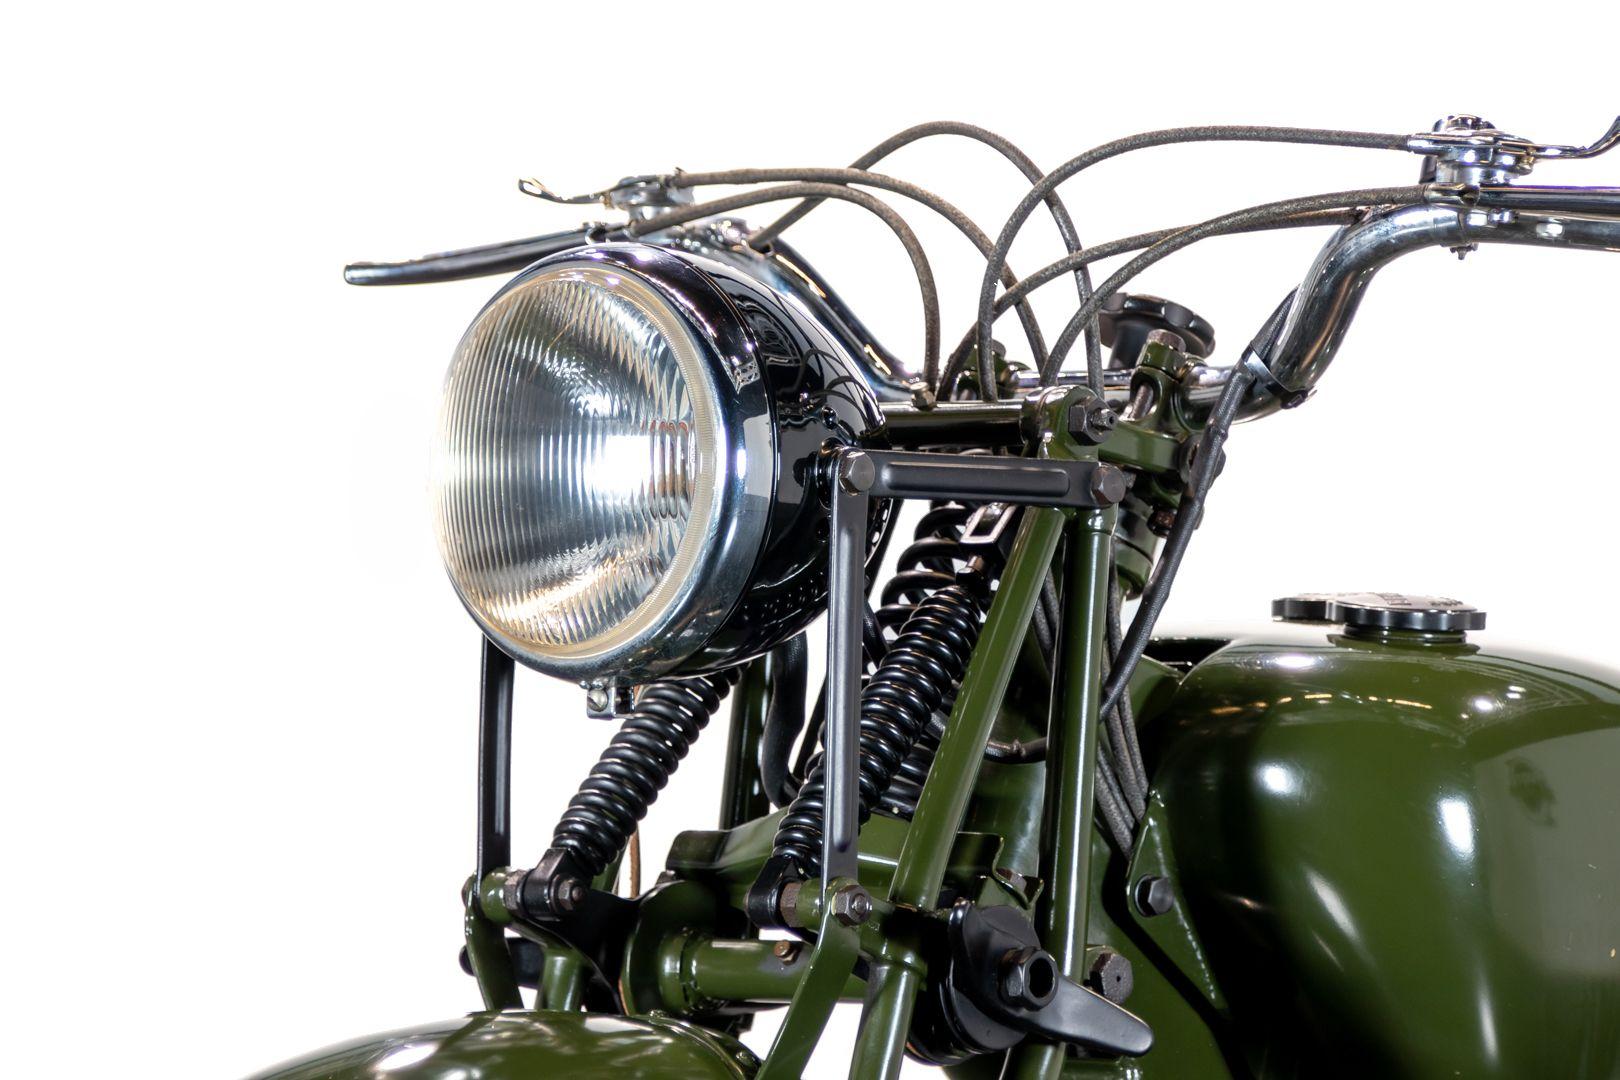 1977 Moto Guzzi 500 Super Alce 59433